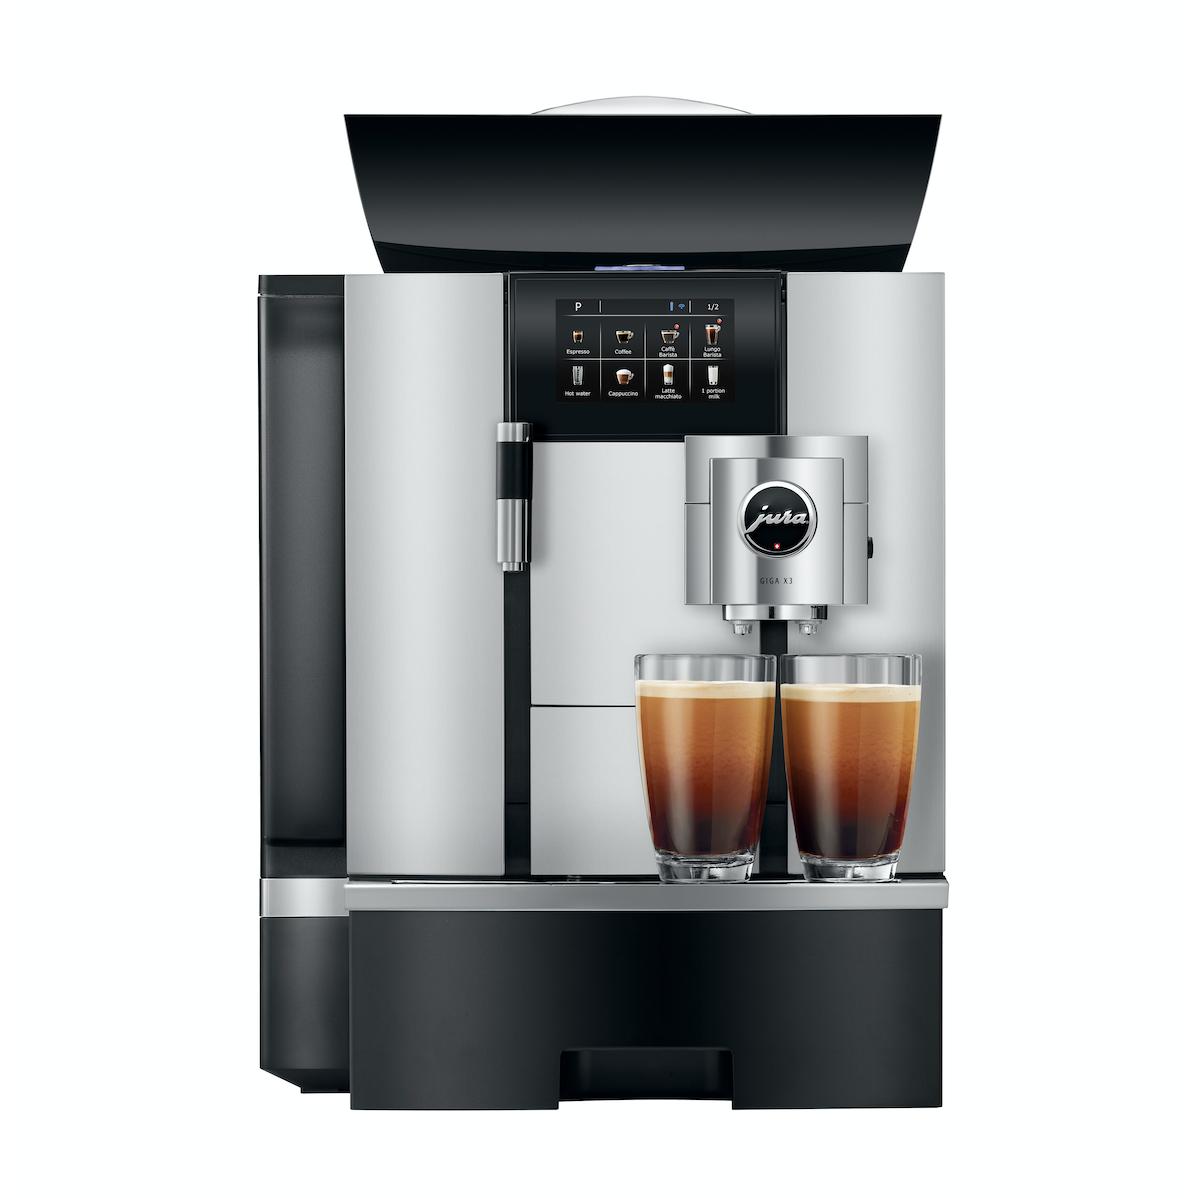 Koffiemachine voor kantoor met 50 personen of 150 koppen per dag